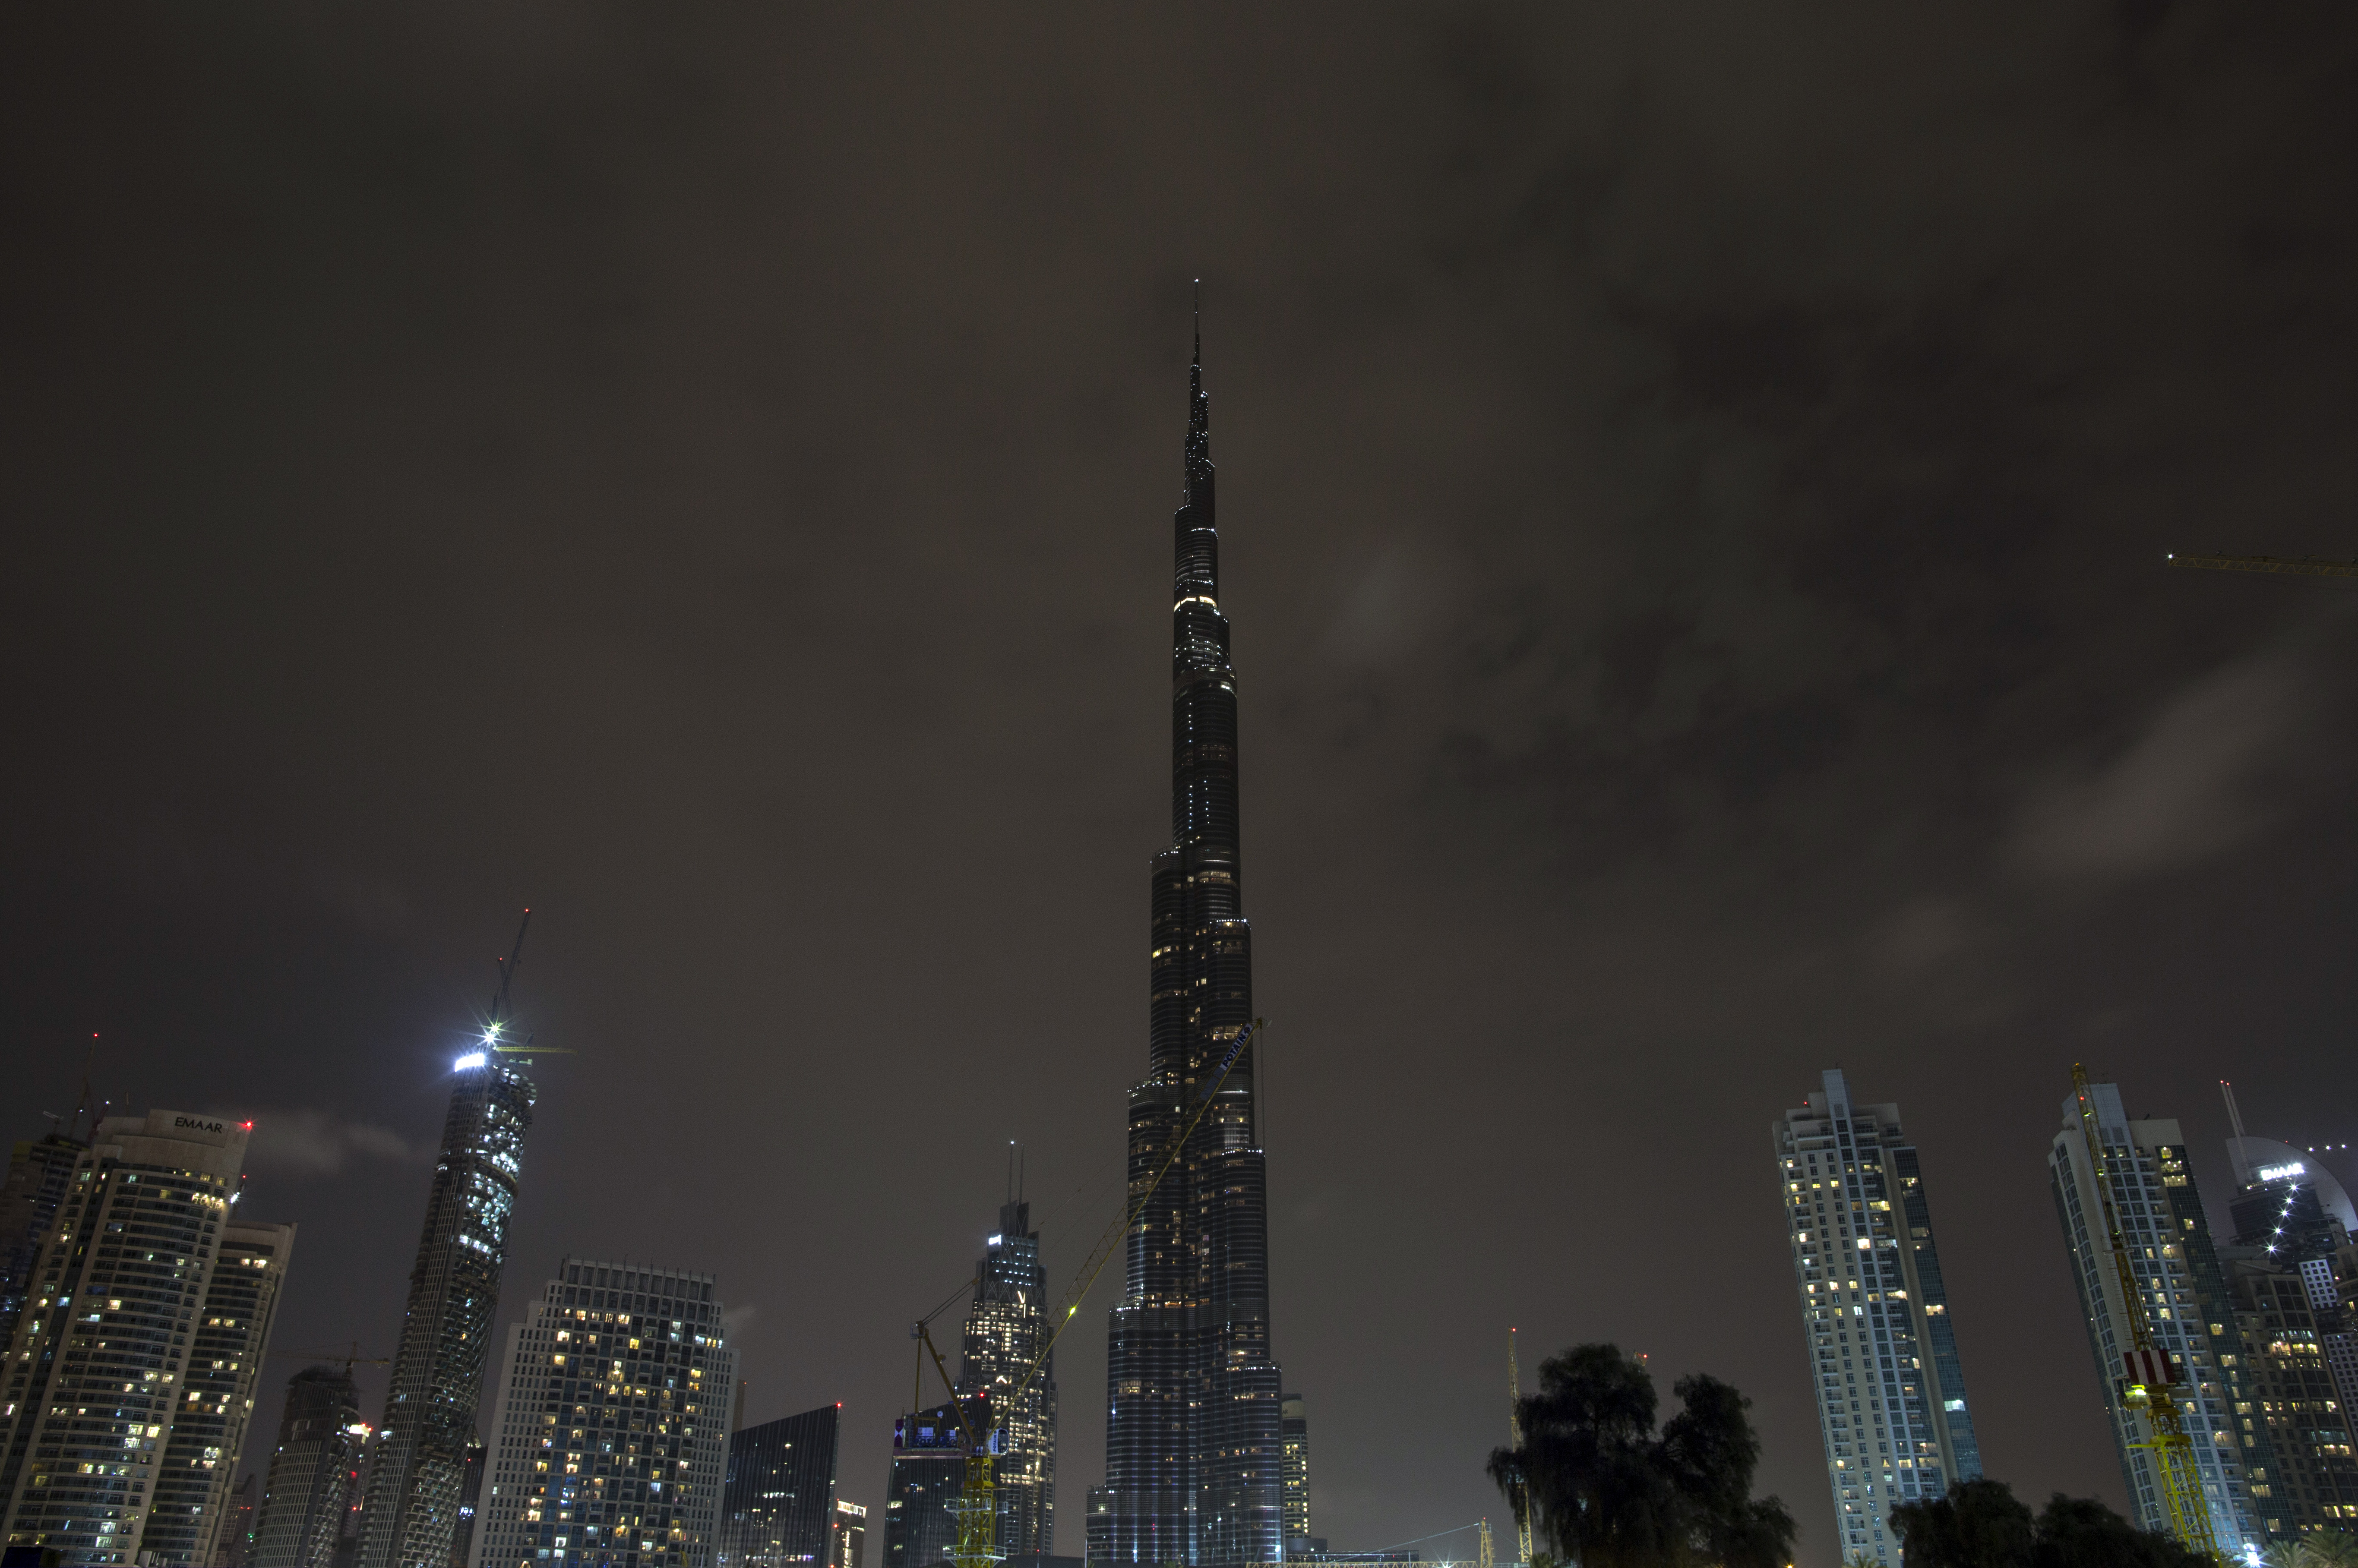 إطفاء الأضواء عن برج خليفة